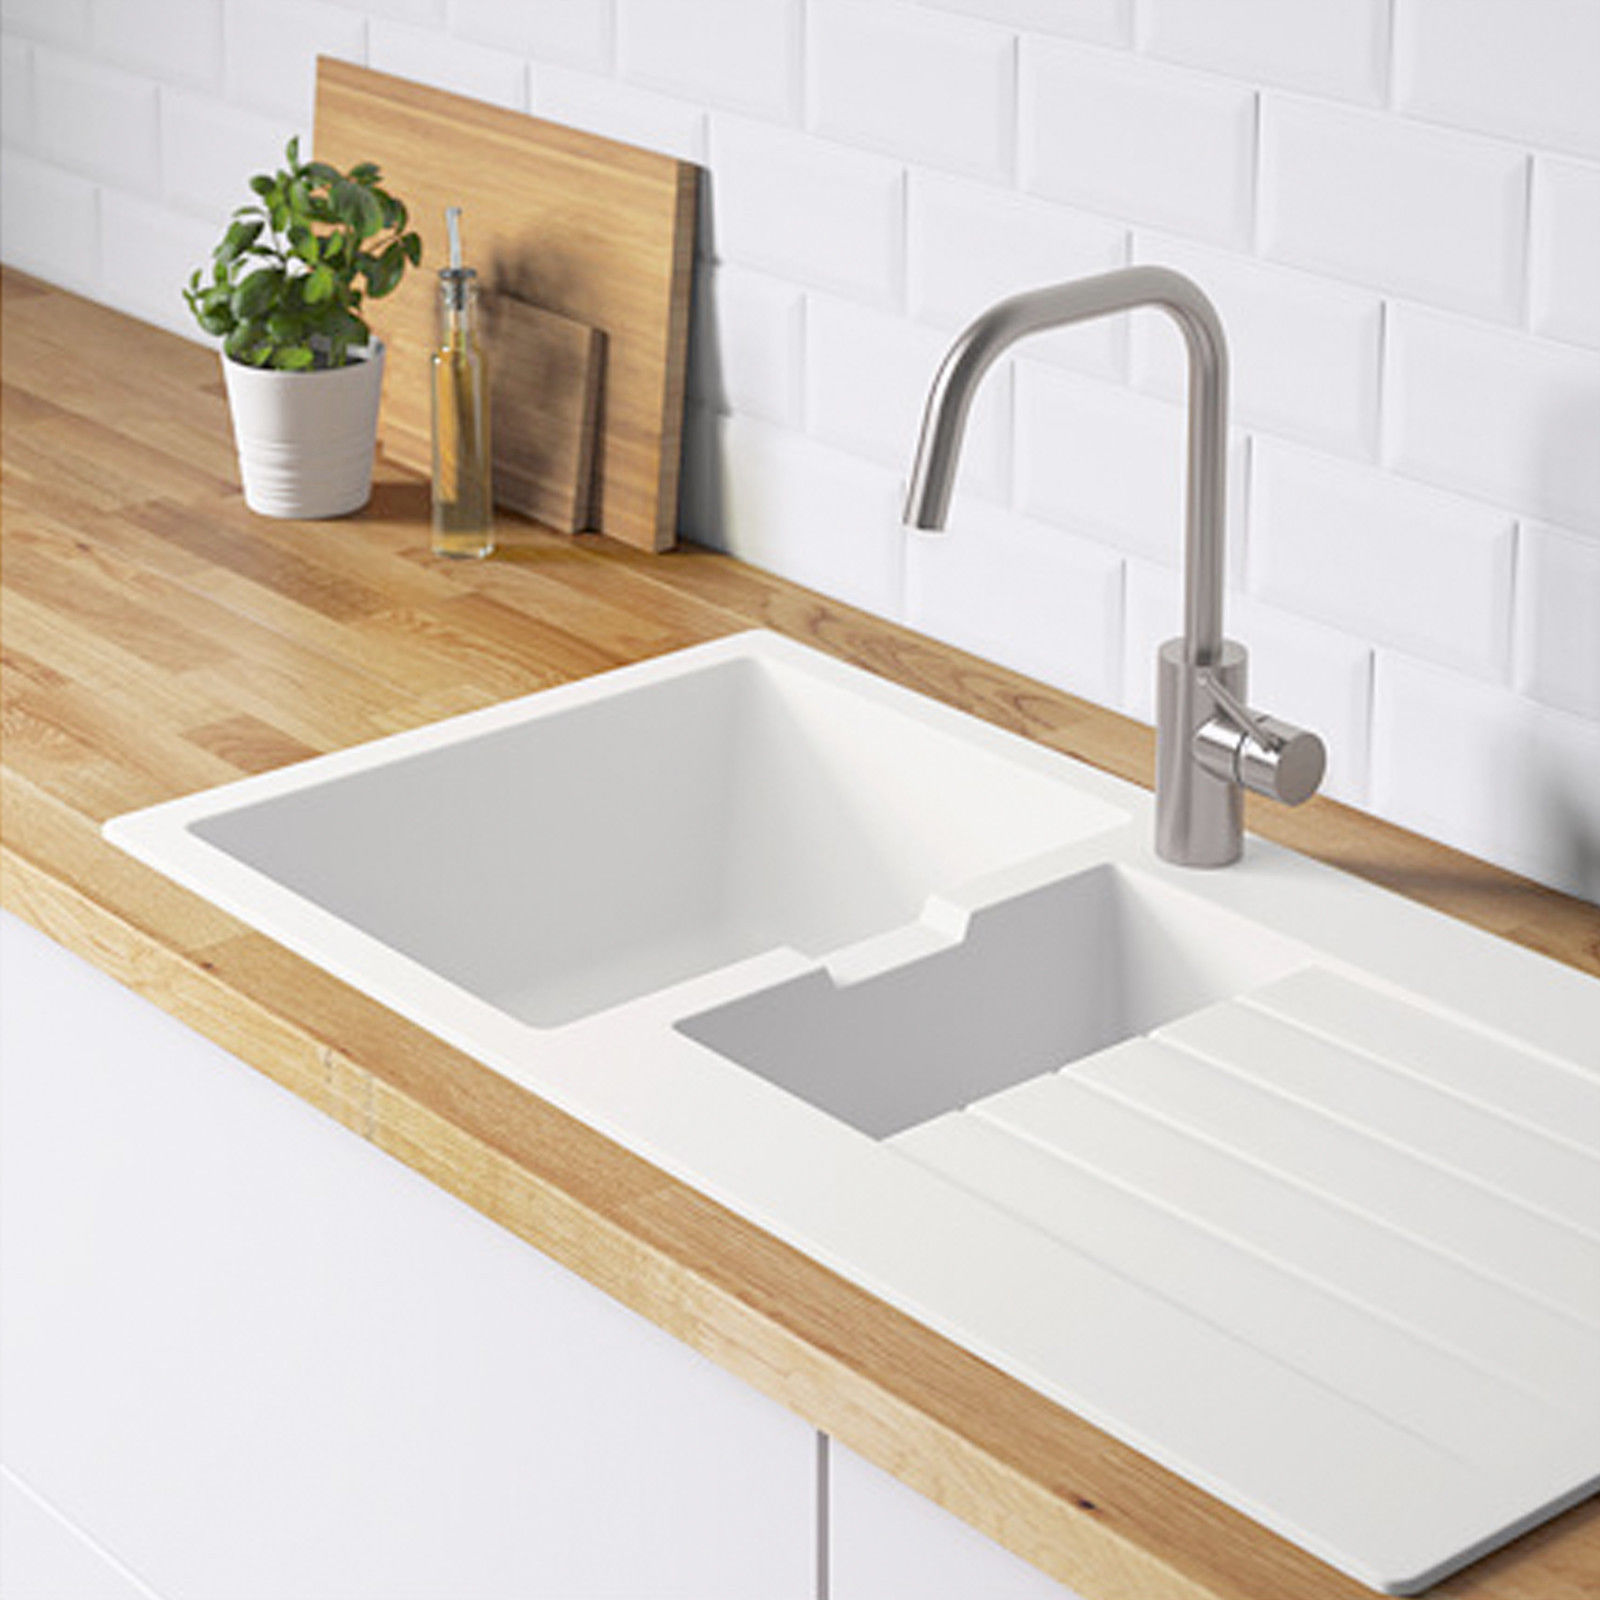 Großartig Ikea Scheune Küchenspüle Galerie - Ideen Für Die Küche ...